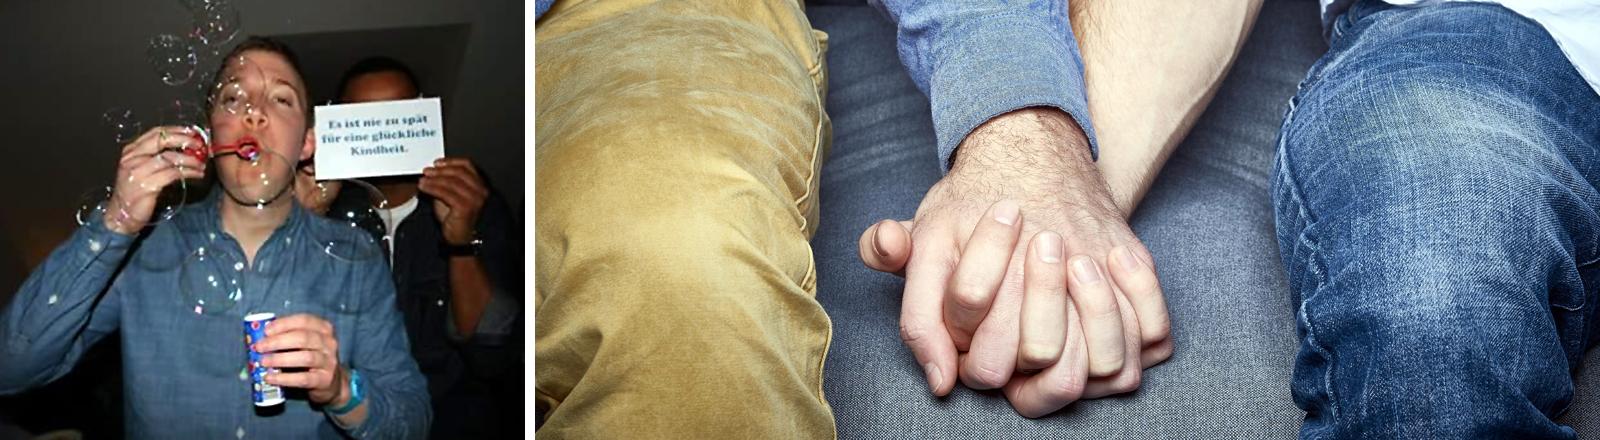 Links im Bild Protagonist Colin bläst Seifenblasen in die Luft, rechts ein sitzendes schwules Pärchen, das Händchen hält.